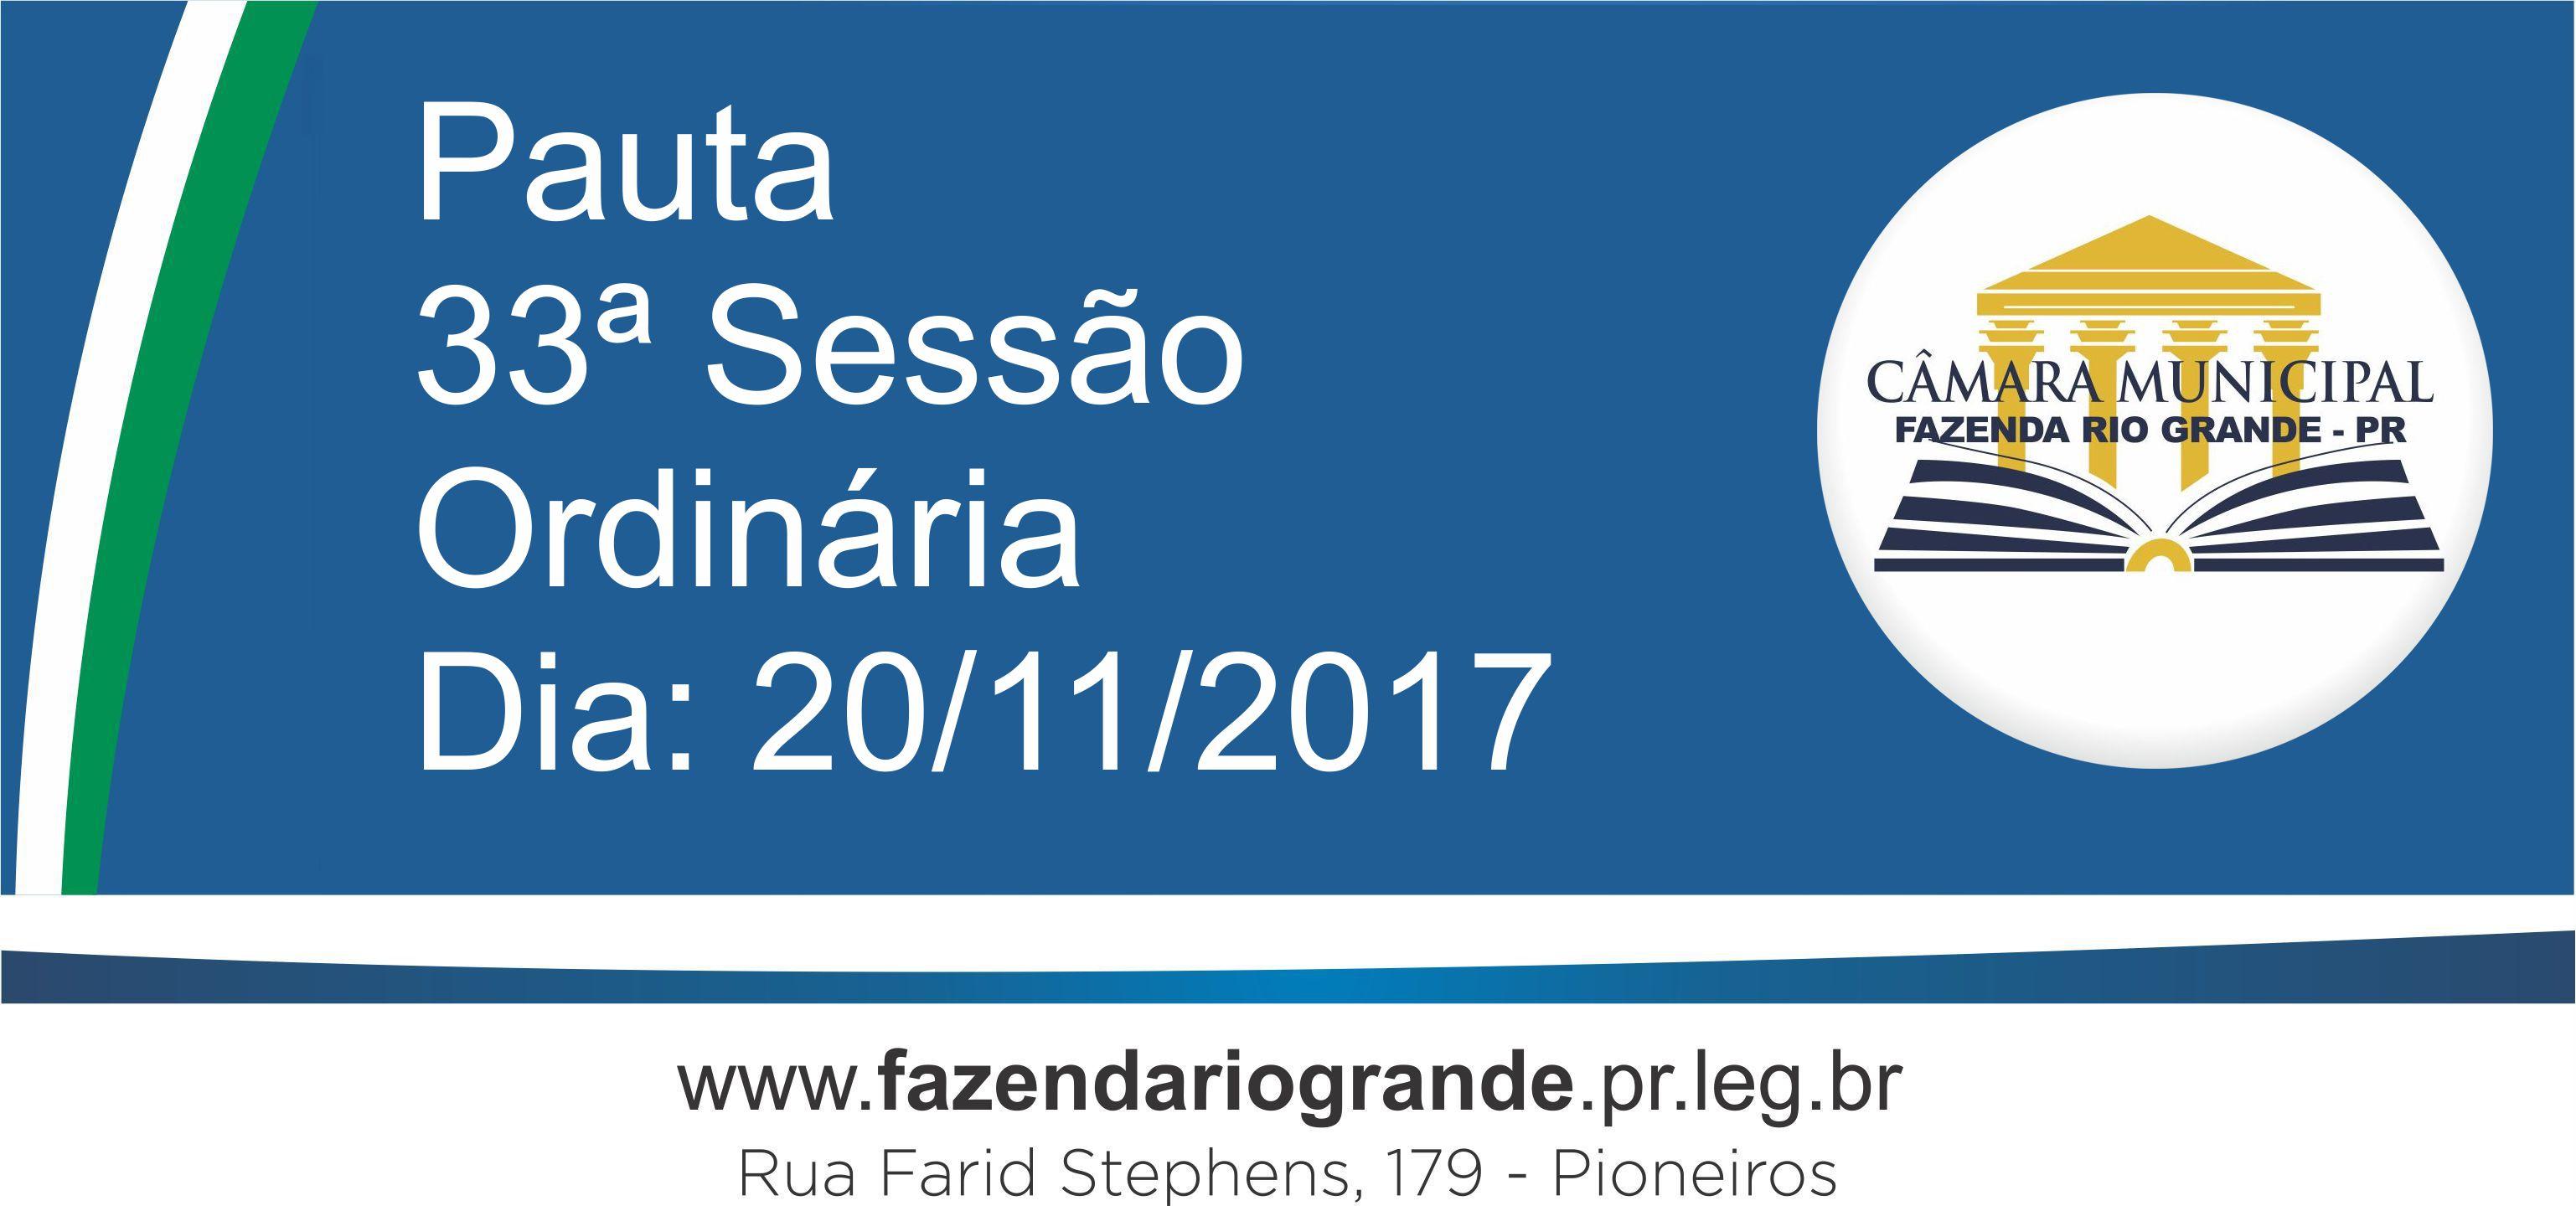 Pauta da 33ª Sessão Ordinária 20/11/2017